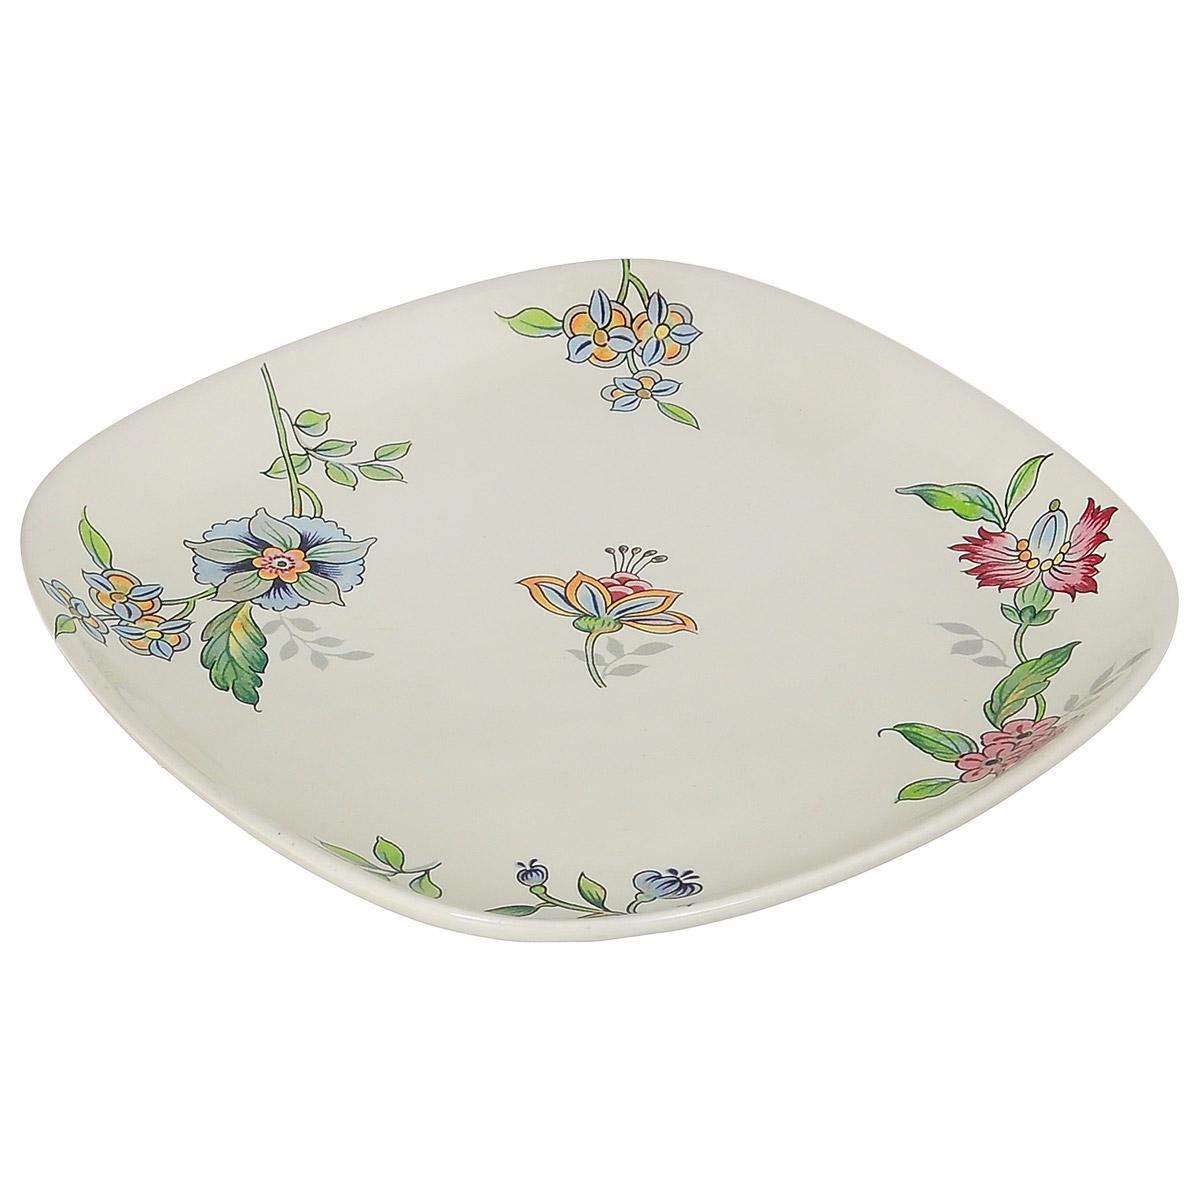 Тарелка Nuova Cer Прованс, 19 см х 19 смFS-91909Изящная тарелка Nuova Cer Прованс изготовлена из высококачественной керамики. Изделие оформлено красочным изображением цветов. Предназначена для сервировки закусок и различных блюд. Оригинальная тарелка прекрасно оформит стол и порадует вас лаконичным и ярким дизайном.Можно использовать в микроволновой печи и мыть в посудомоечной машине.Размер тарелки (по верхнему краю): 19 см х 19 см.Высота тарелки: 2,2 см.